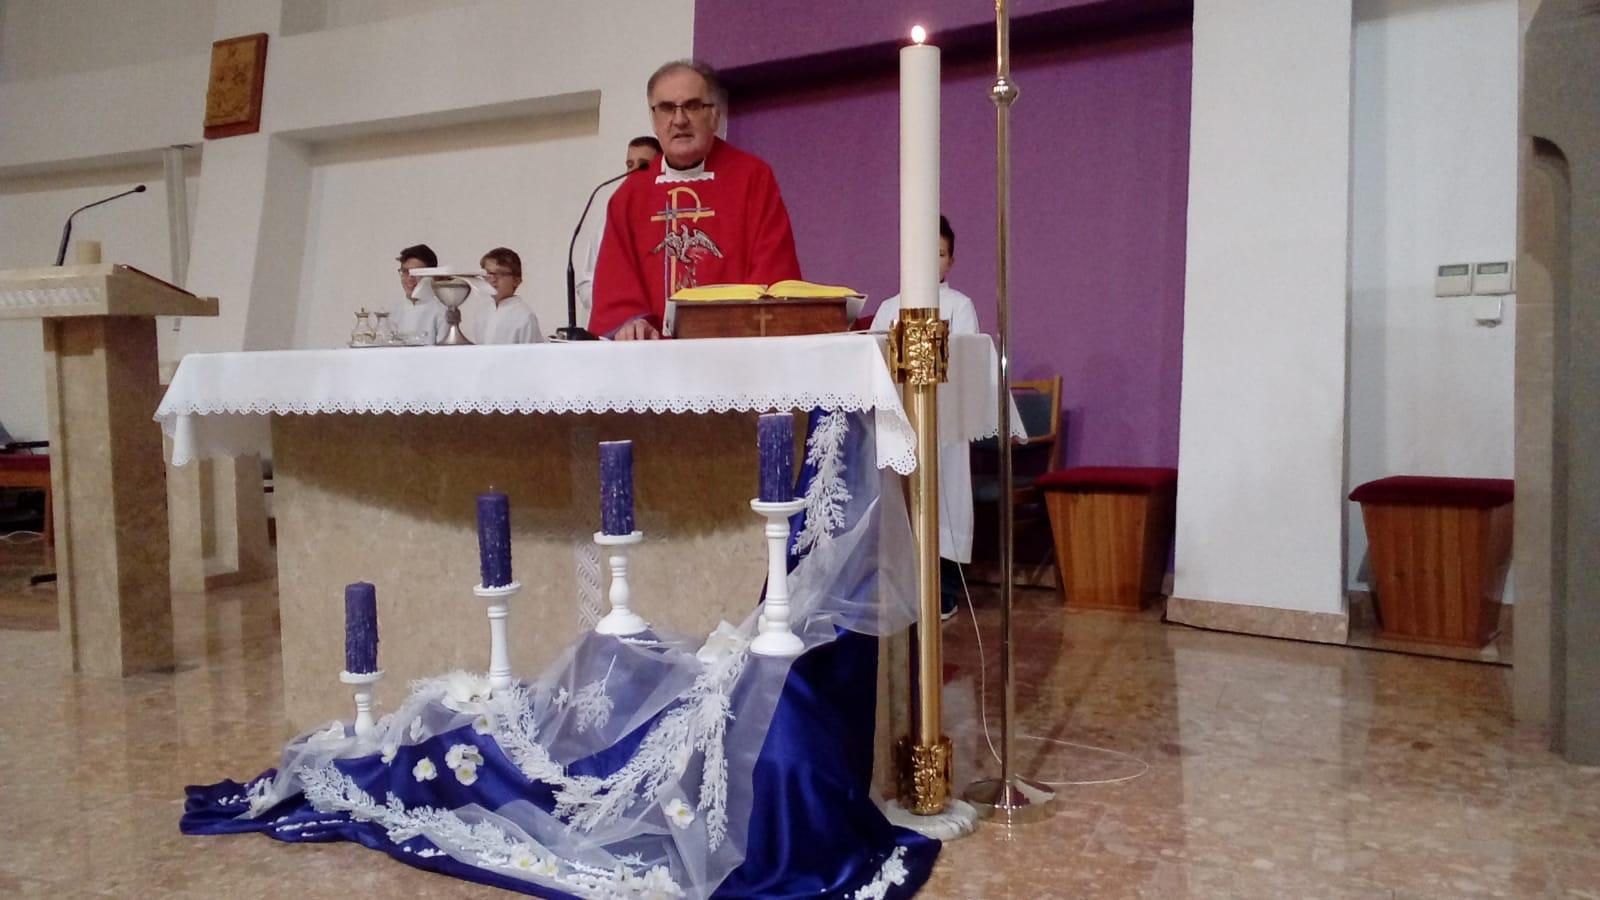 Slavlje spomendana blaženih Drinskih mučenica u Splitu